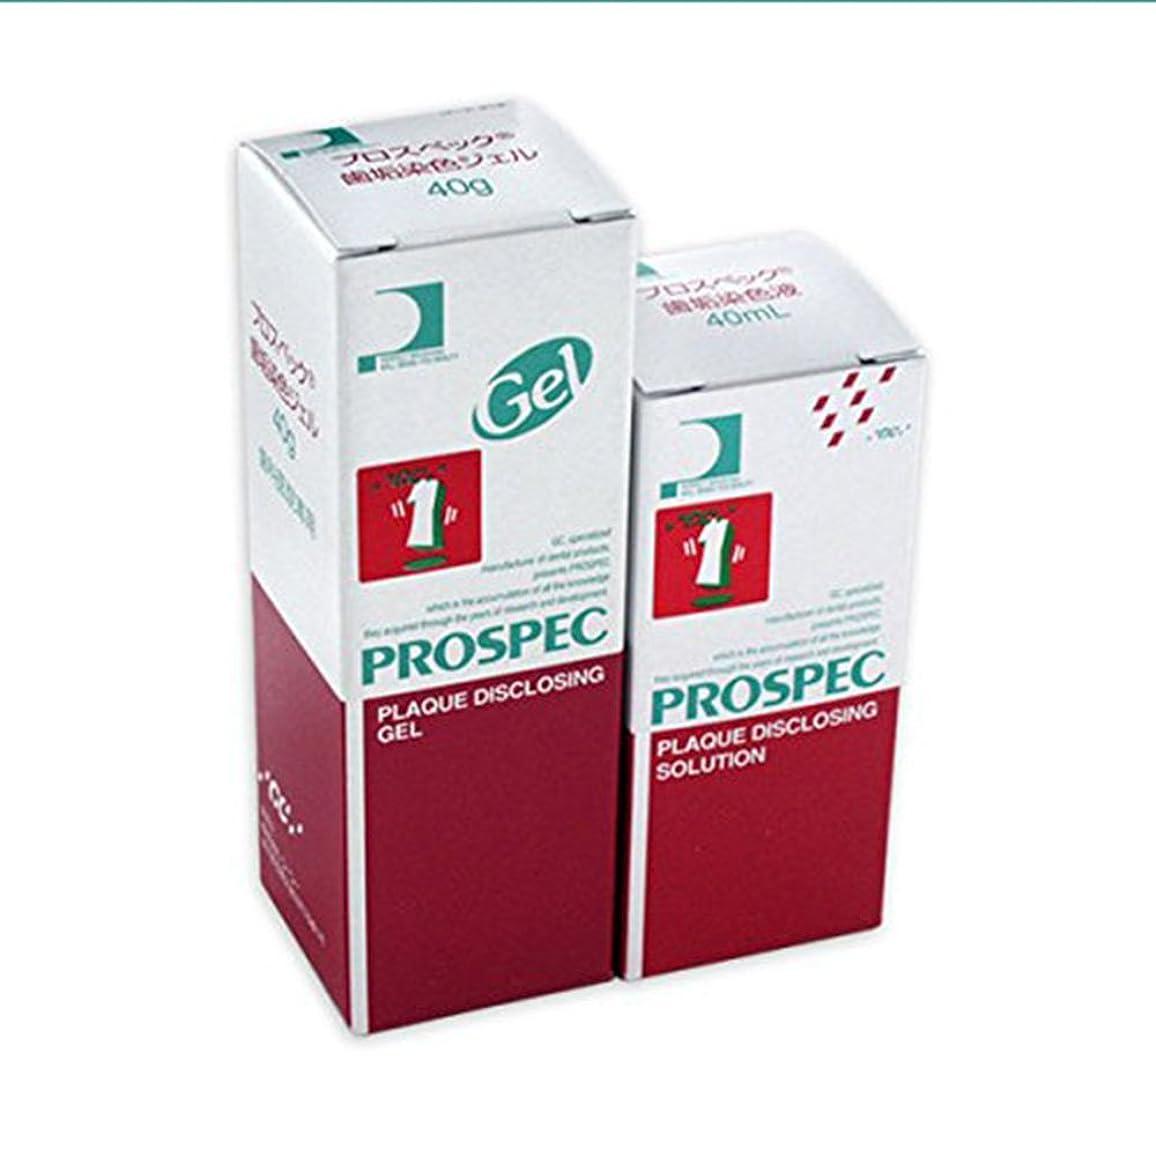 改革セージ風味プロスペック プロスペック 歯垢染色液 40ml単品